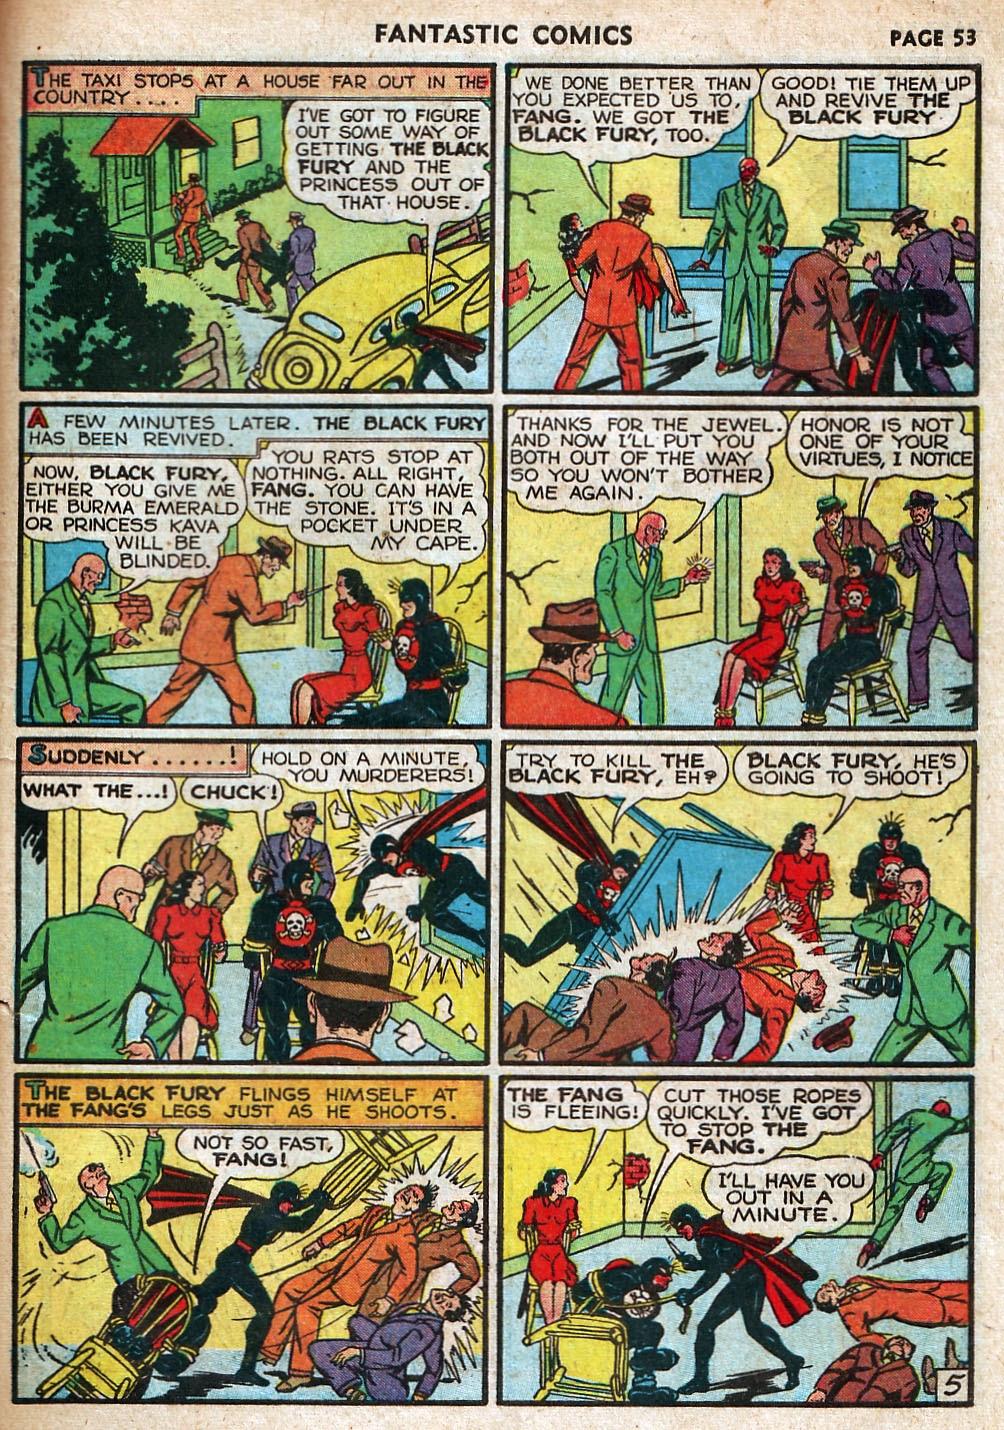 Read online Fantastic Comics comic -  Issue #18 - 55